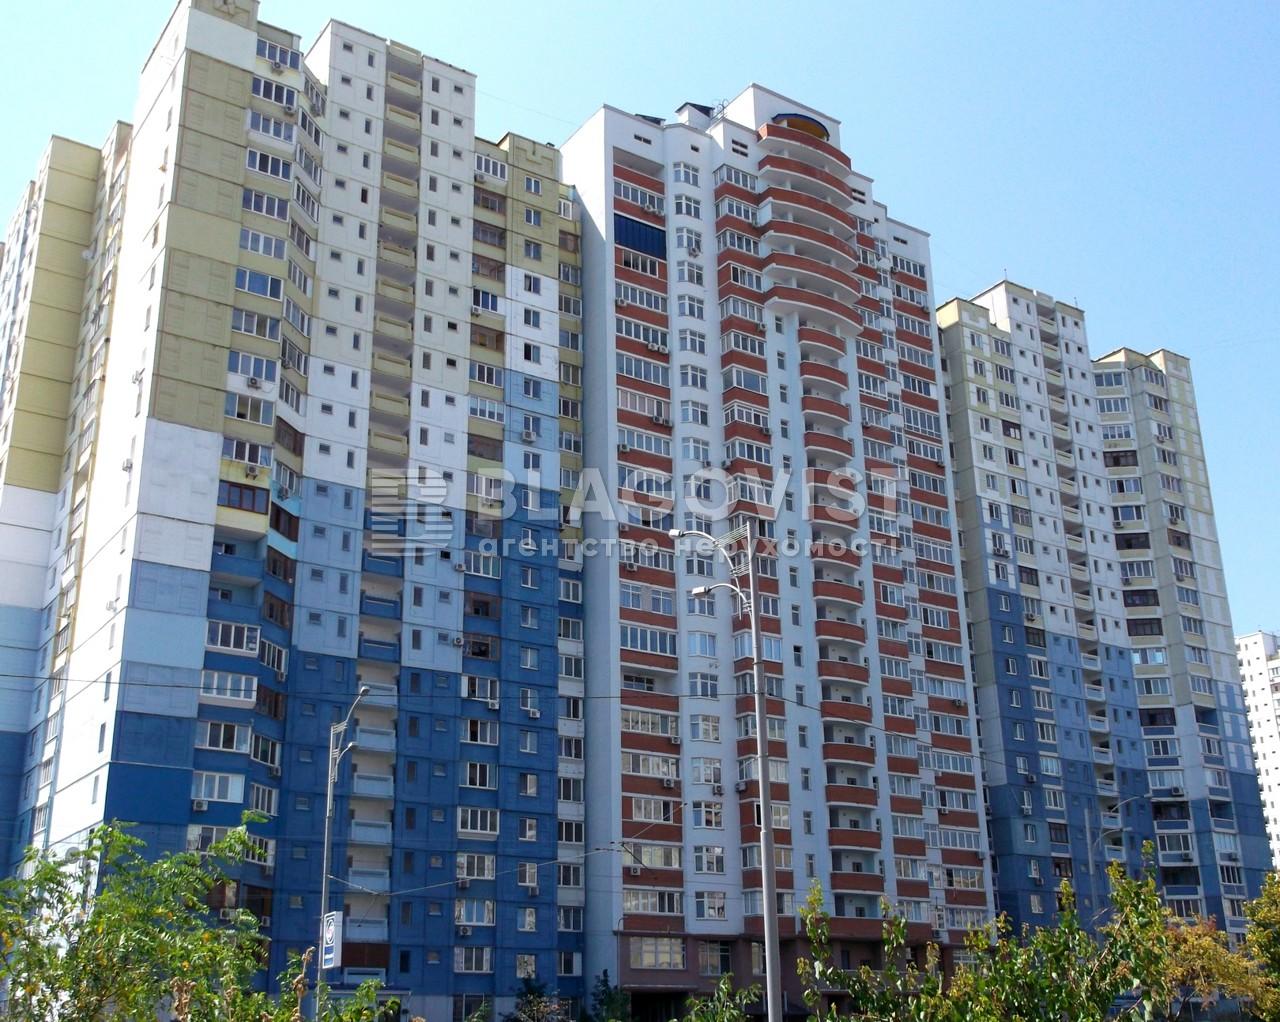 Квартира C-101938, Цветаевой Марины, 3, Киев - Фото 1